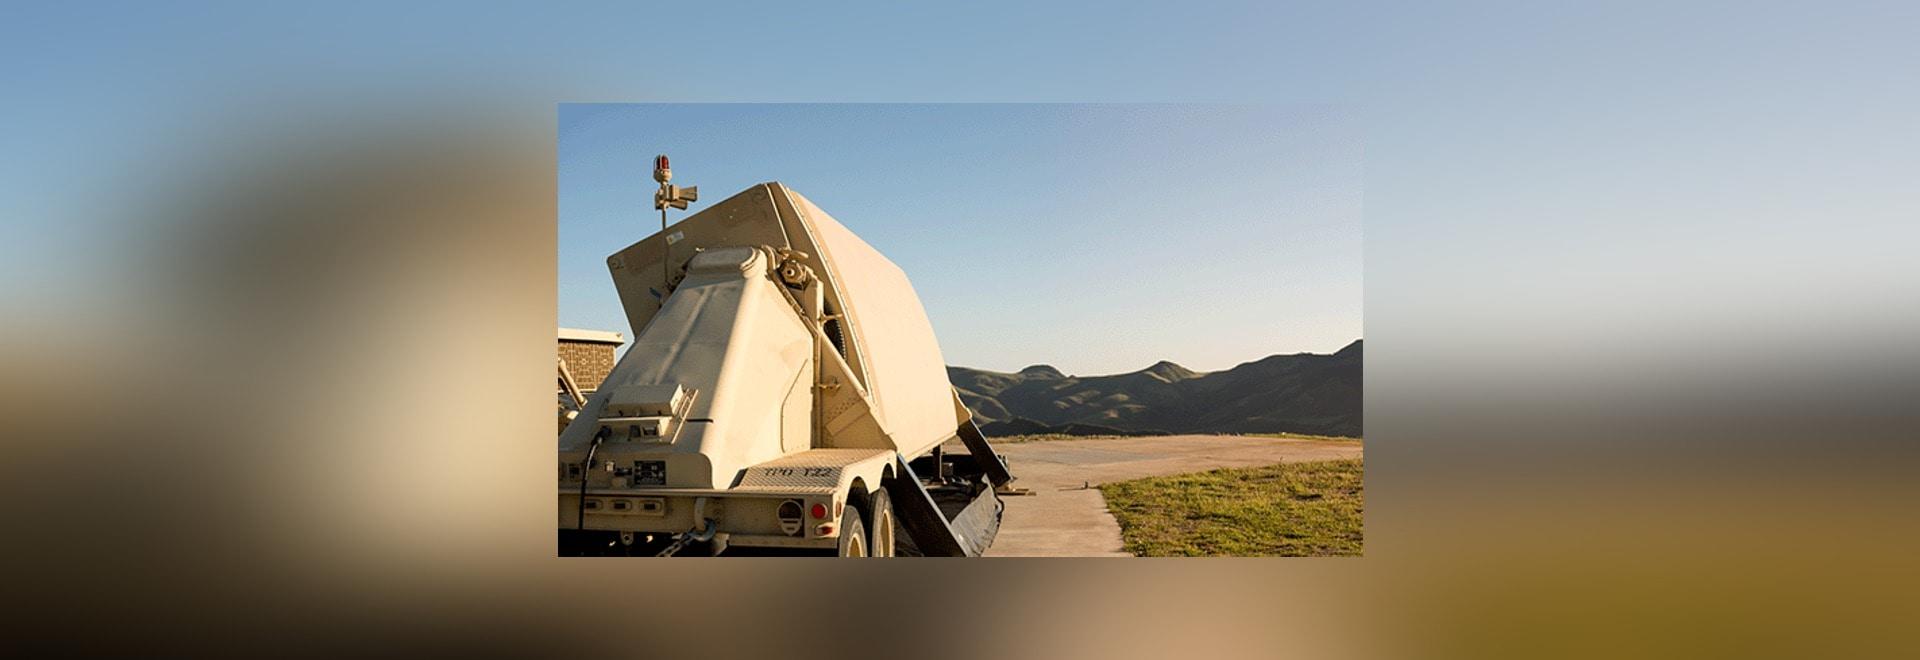 Raytheon hat angefangen, die Maßeinheiten der elektronischen Ausrüstung (EEUs) zu verbessern damit die ballistischen Maßeinheiten des Radars AN/TPY-2 die Spurhaltung der ballistischer Raketen in de...